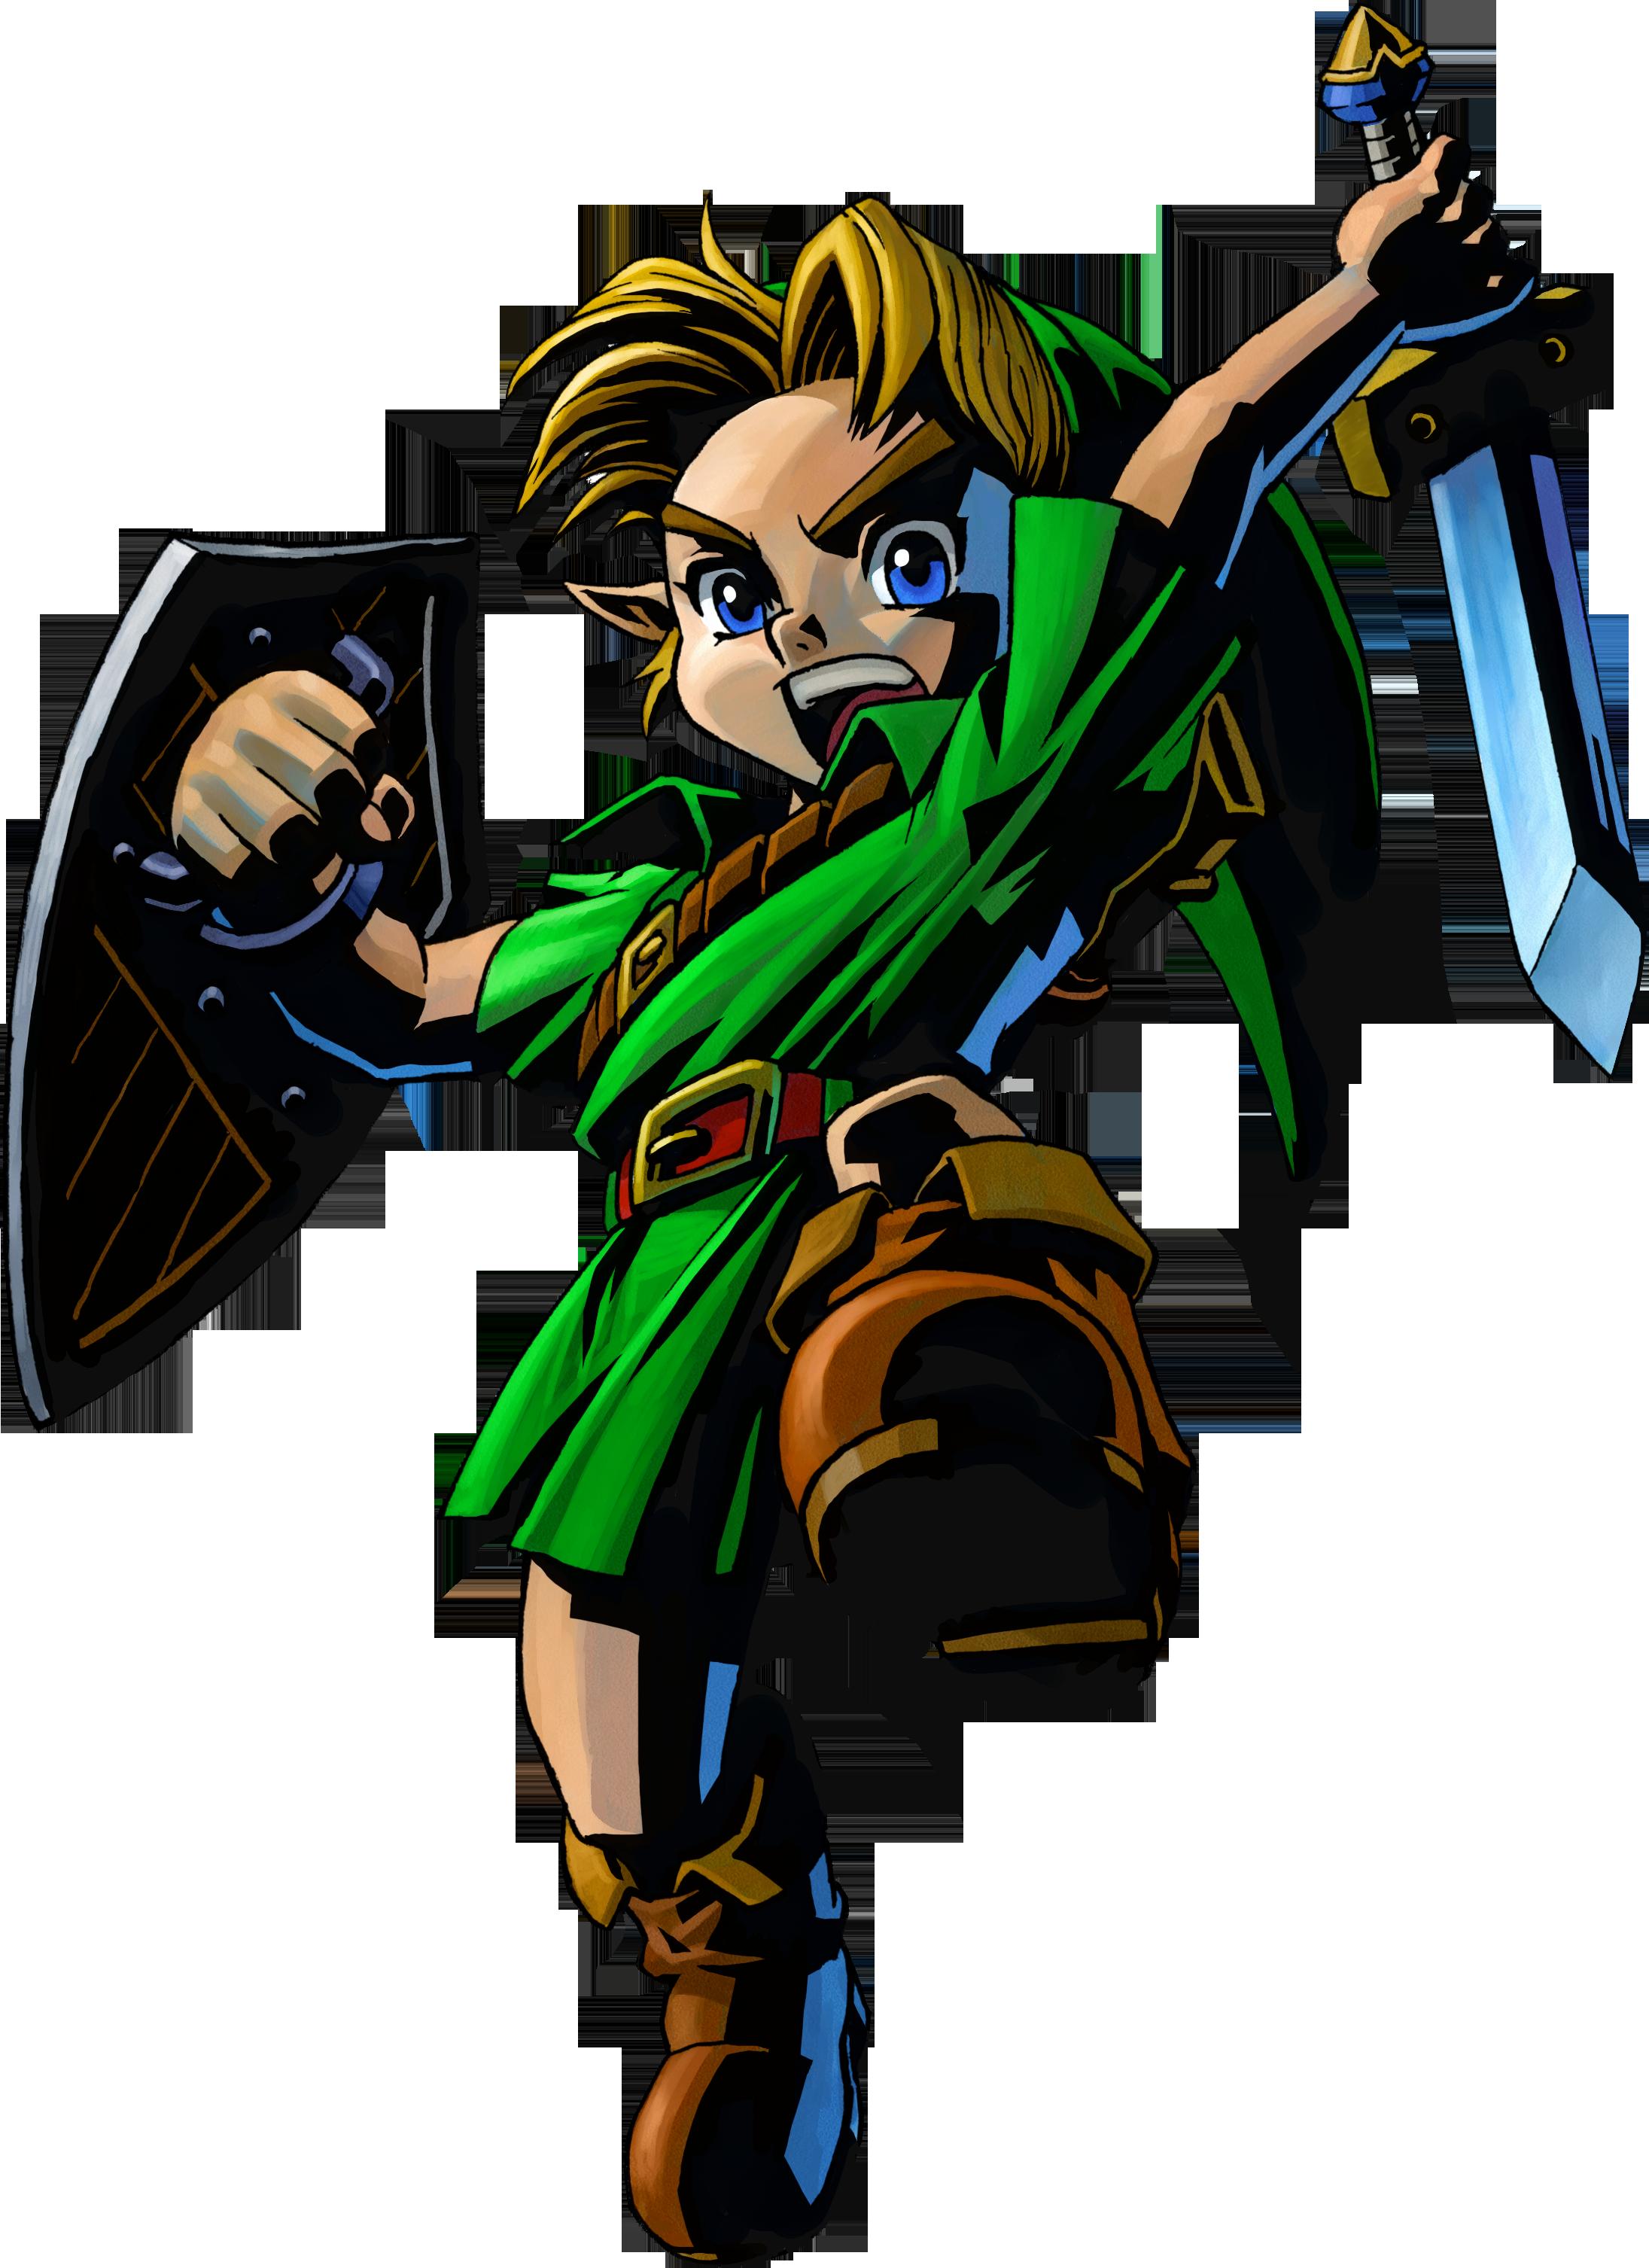 Link In Majoras Mask Official Art Render Png 2191 3013 Legend Of Zelda Majoras Mask Majoras Mask Art